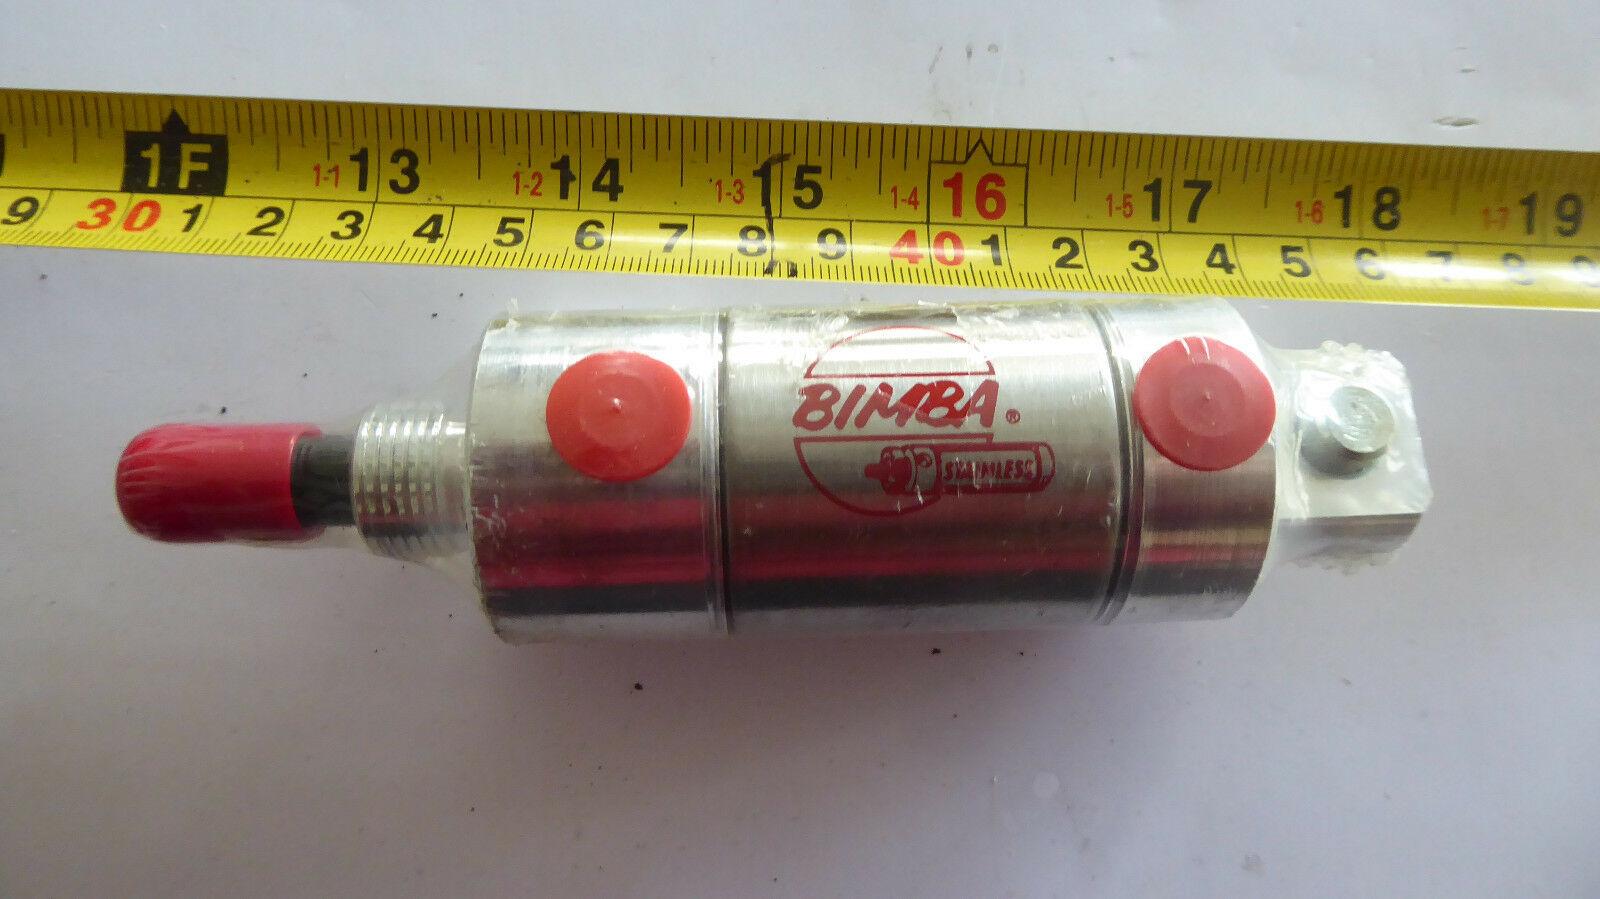 170 375-DP Bimba Pneumatic Cylinder NEW